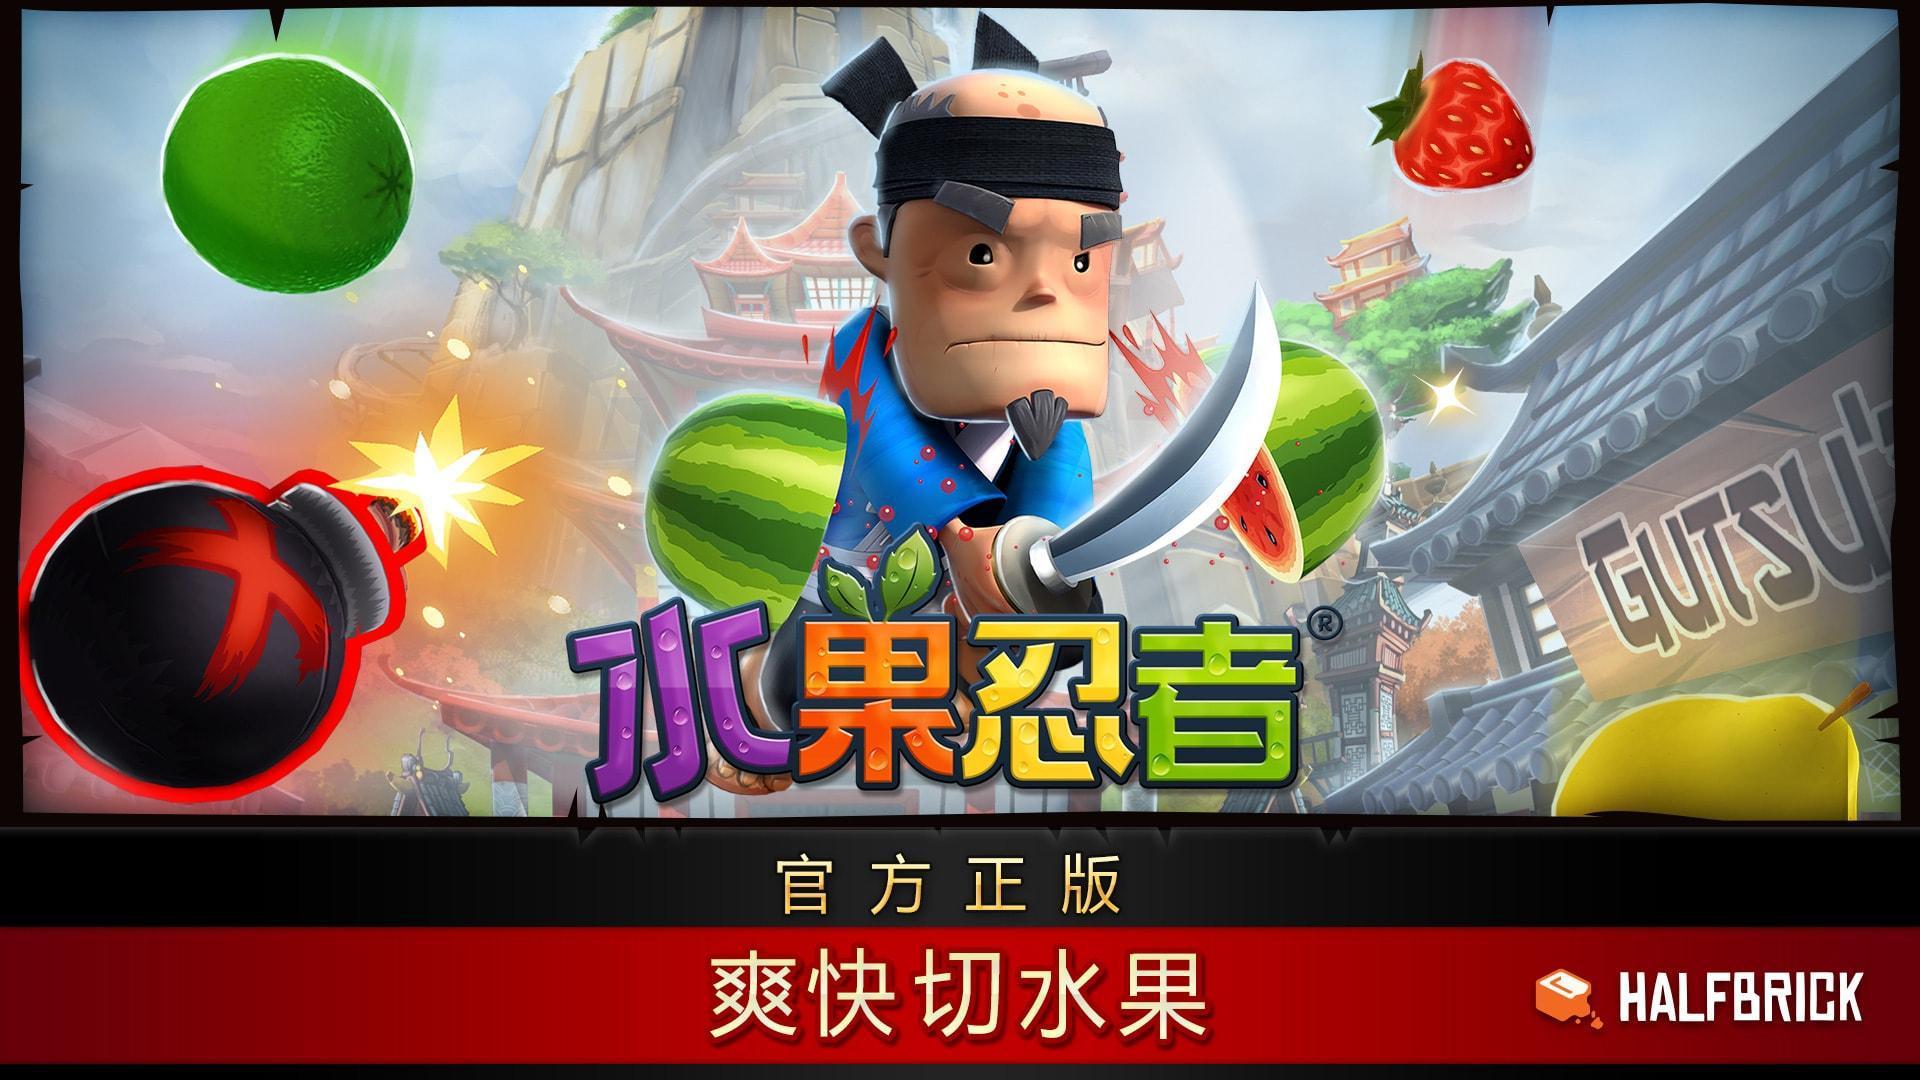 水果忍者® - 爽快切水果 游戏截图4